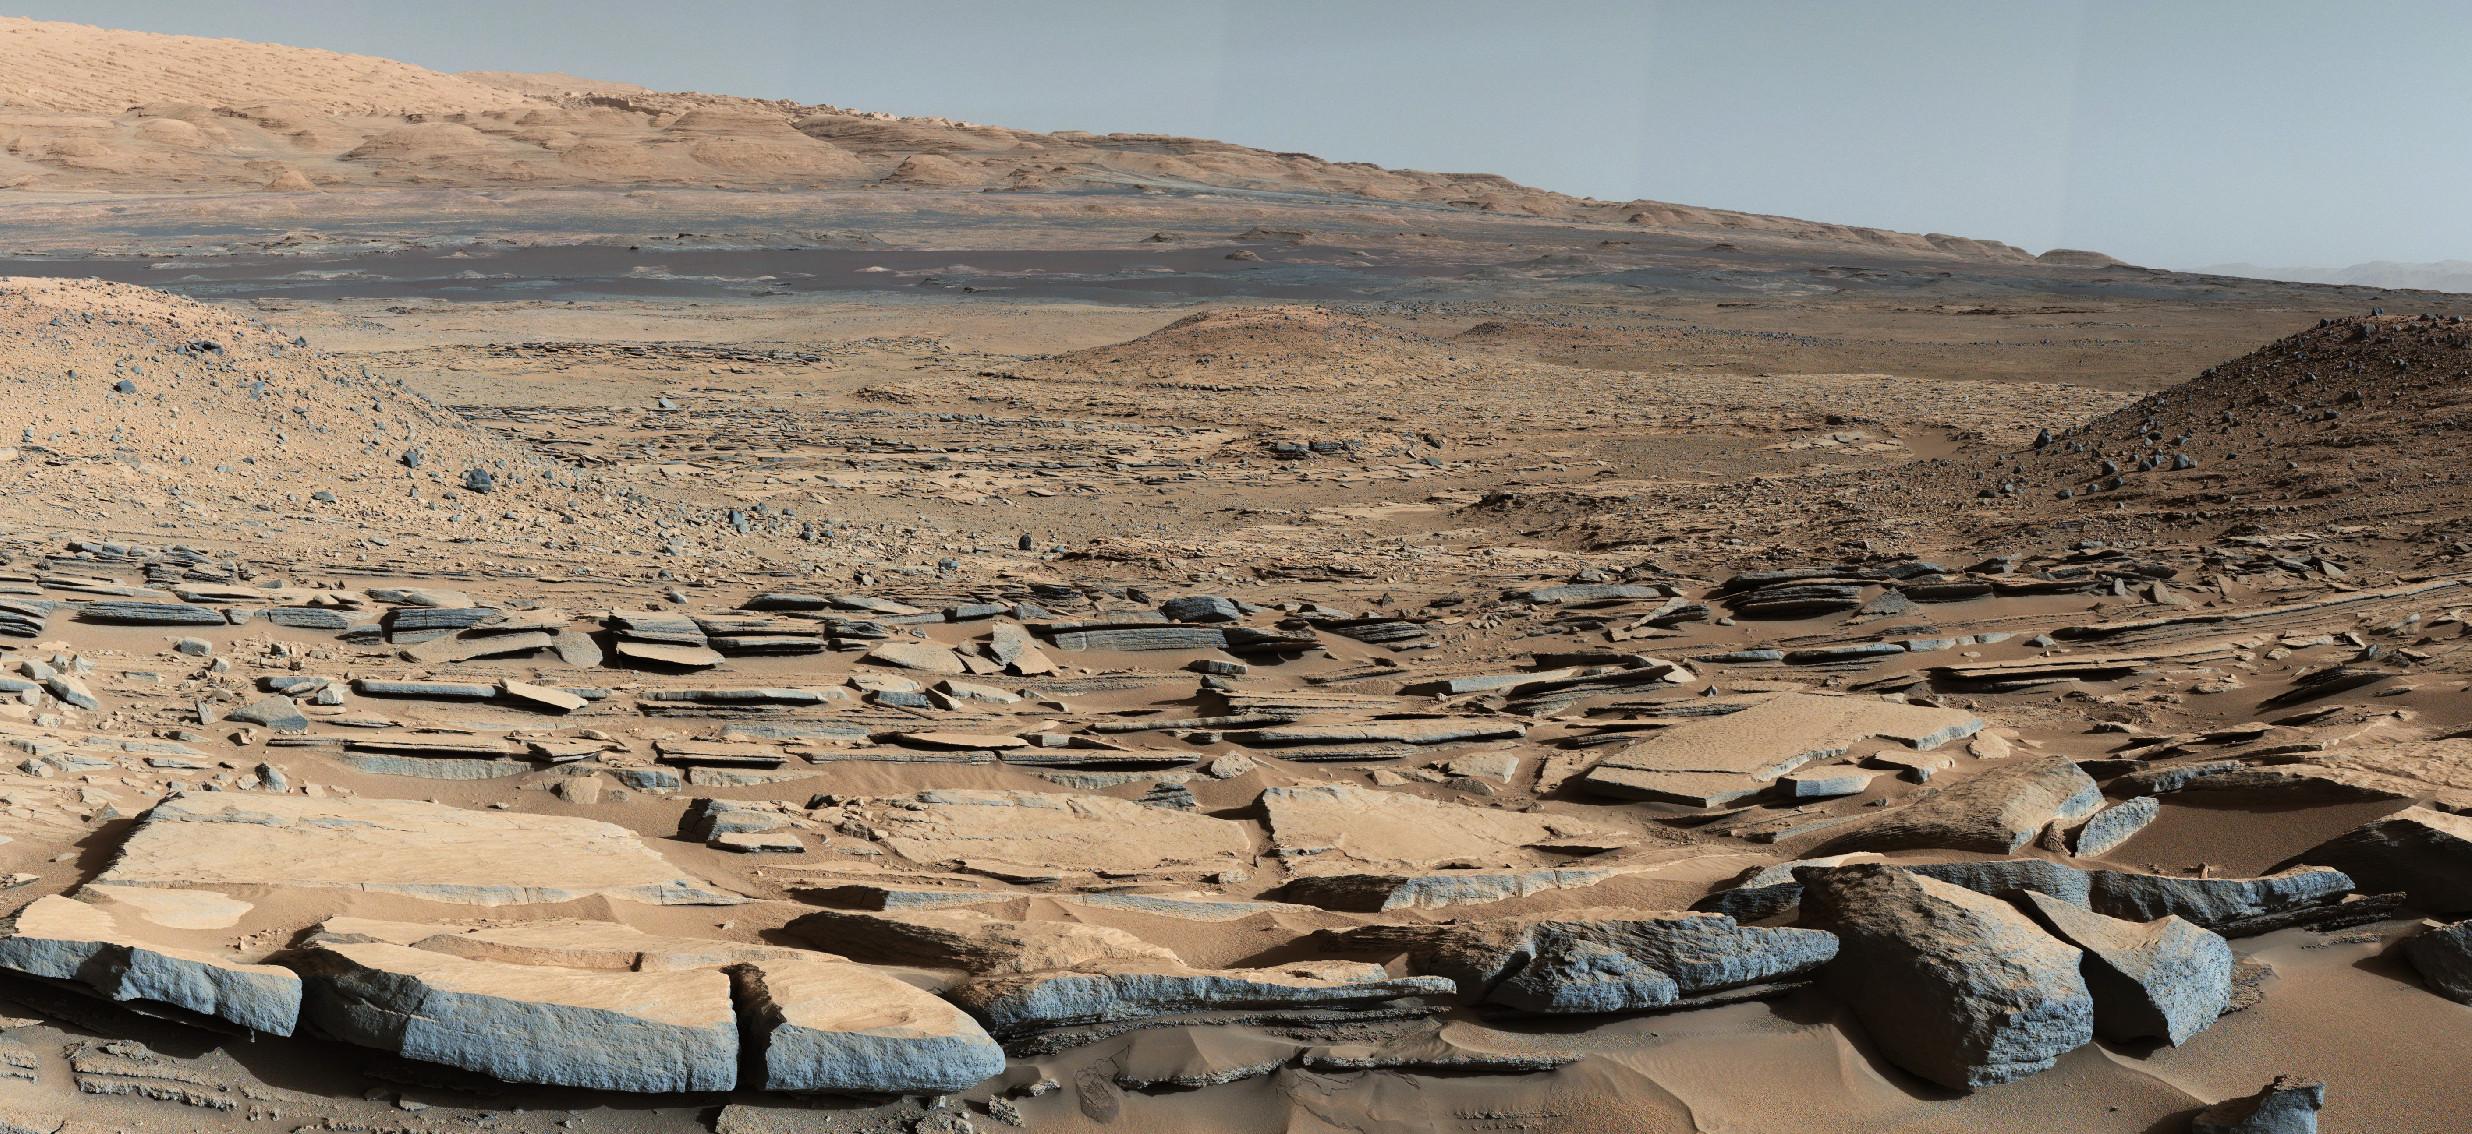 کریاسیتی، در طول مأموریت خود، زمان زیادی را صرف کشف سرنخهای جدیدی از تاریخچه مریخ کرده؛ ازجمله شواهدی از دریاچههای تبخیری و ذخایر معدنی که نشاندهنده حضور اکسیژن در سیاره سرخ هستند. به گفته ناسا، سطح ترکخورده ۳ میلیارد سال پیش شکلگرفته و توسط لایههای رسوبی سنگهای دیگر دفن شده است. شواهد دیگر موجود در این ناحیه، لایههای موربی هستند که میتوانستهاند درزمانی که آب در آن جریان داشته، مانند نزدیکی به ساحل یک دریاچه (باستانی) تشکیل شده باشند